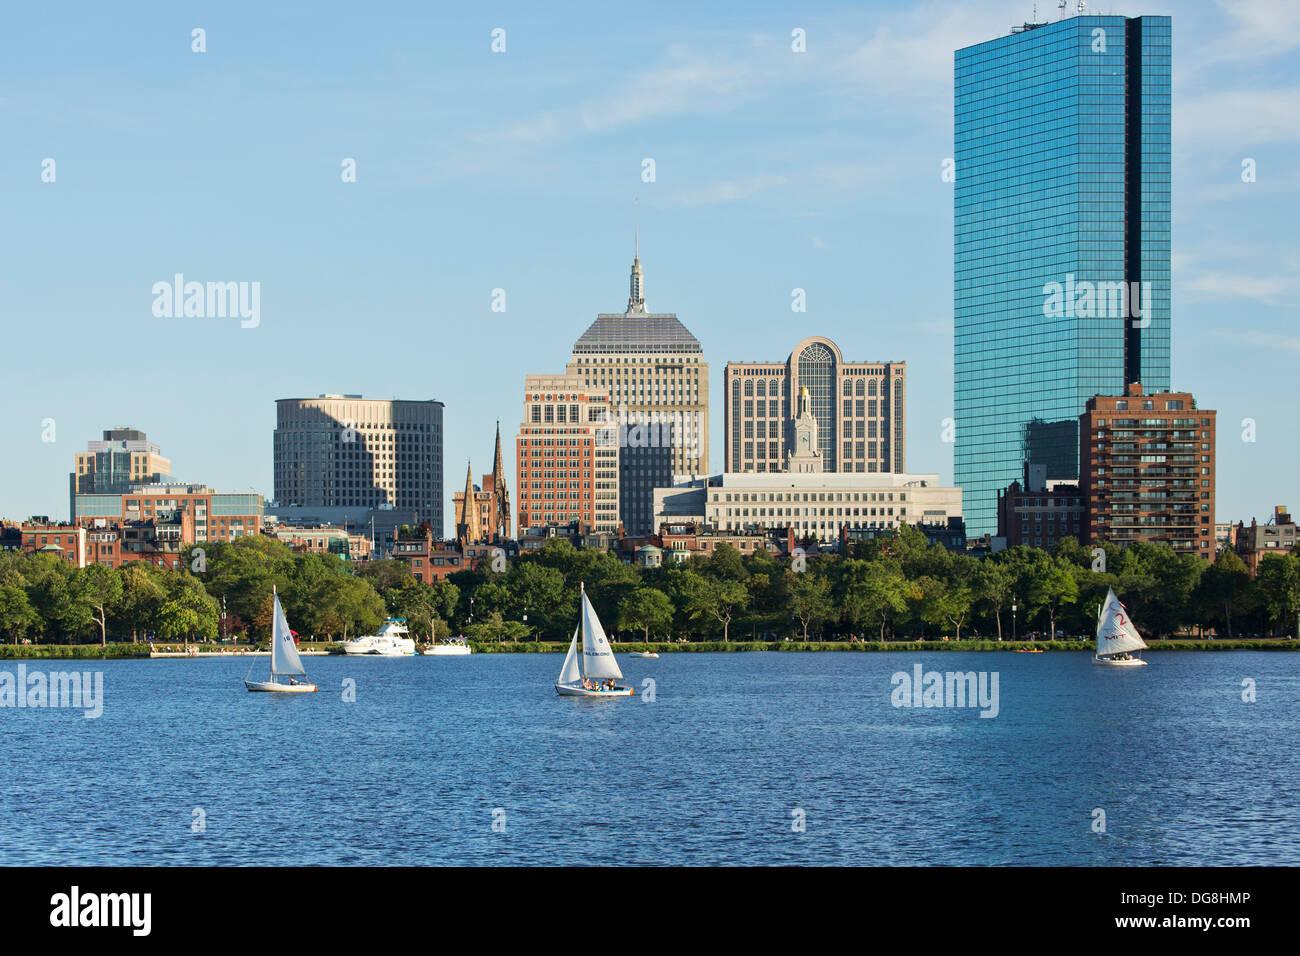 Skyline (200 Clarenton, antiguamente conocida como torre Hancock en vidrio) y veleros en el río Charles, en Boston, Massachusetts, EE.UU. Imagen De Stock